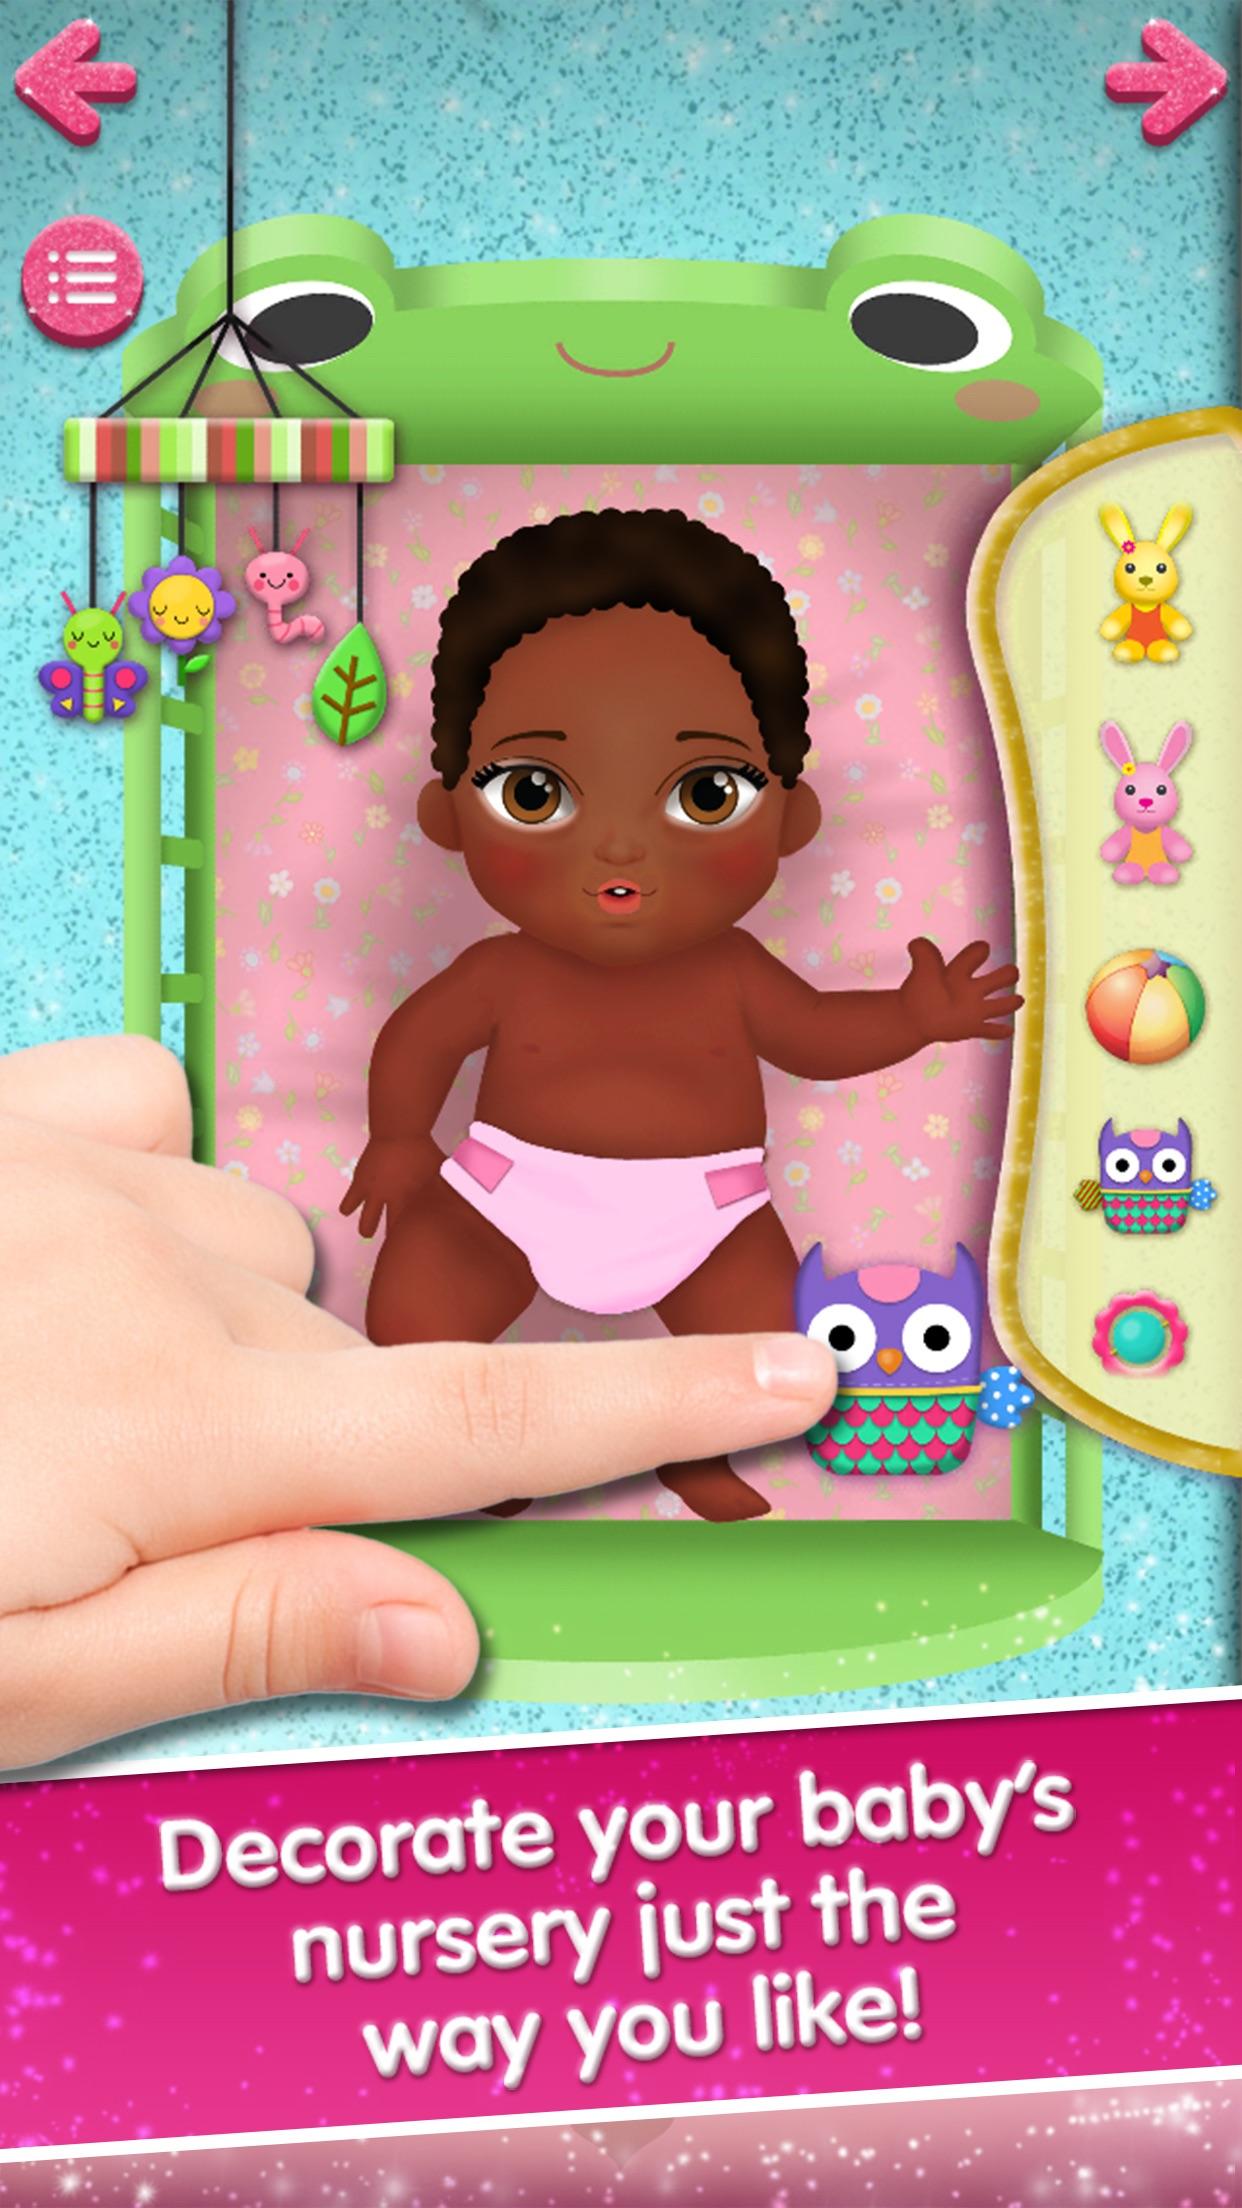 My New Baby Screenshot